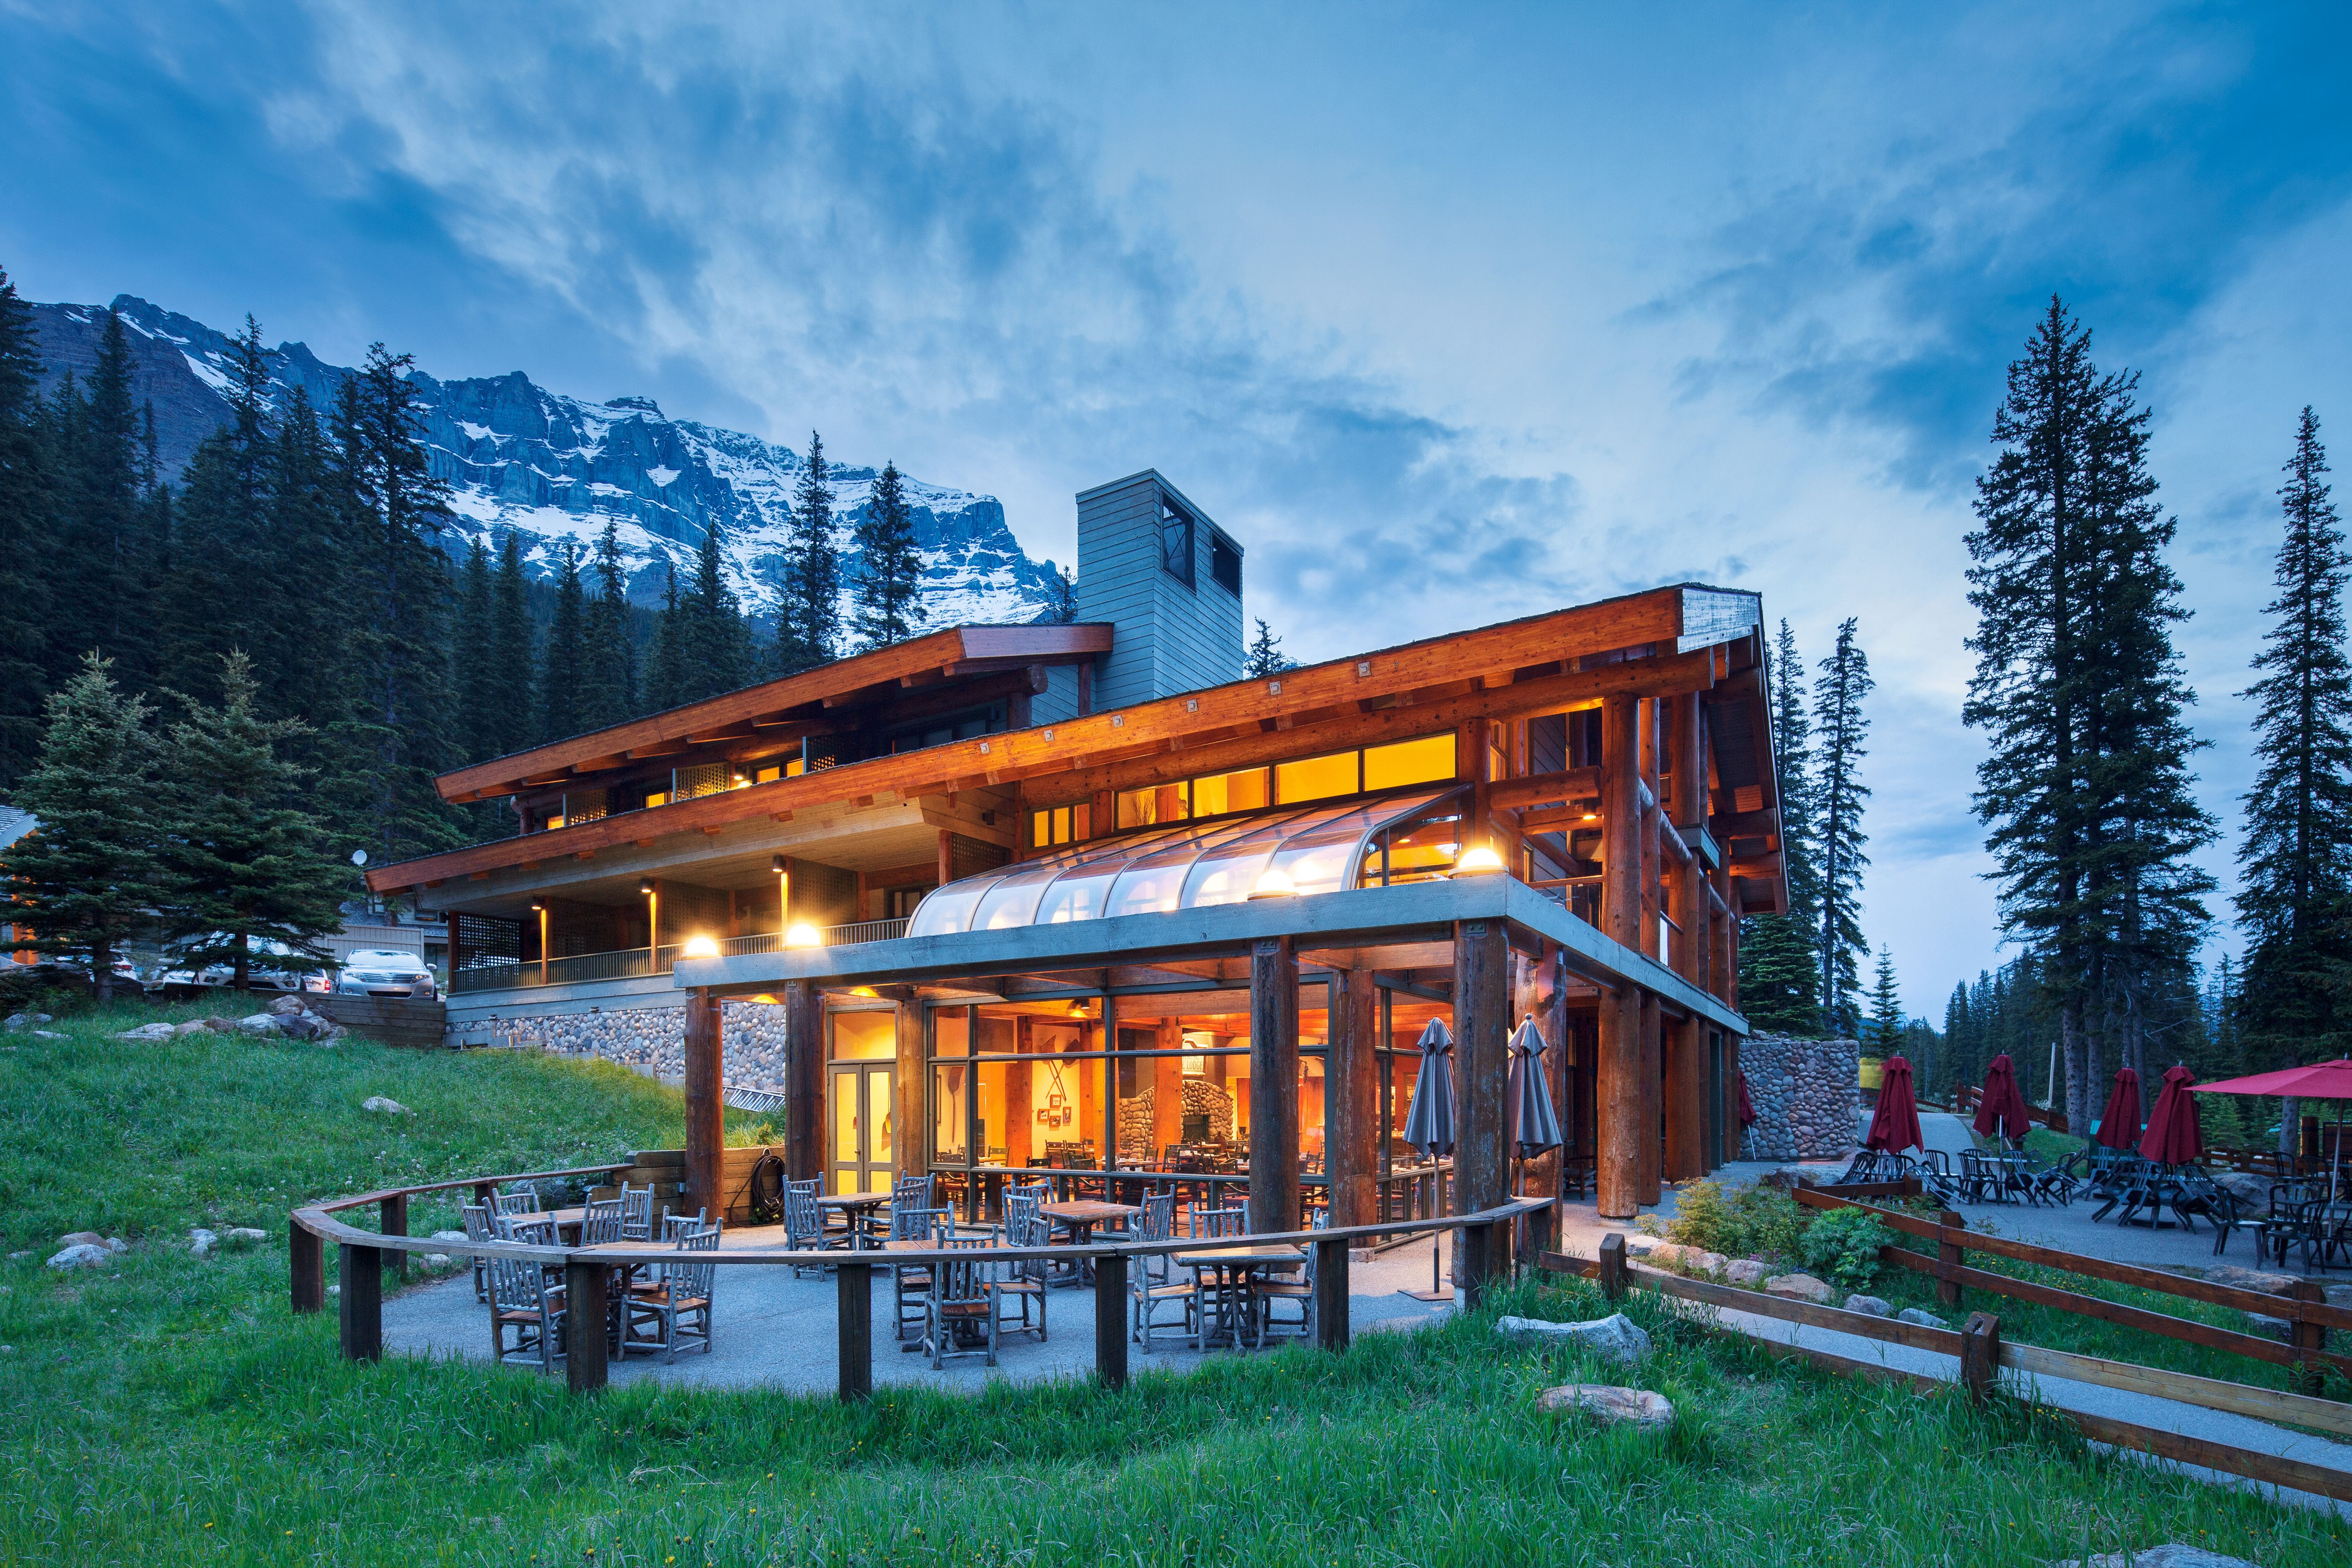 Moraine Lake Lodge Moraine Lake Lodge Lake Lodge Banff Lodge